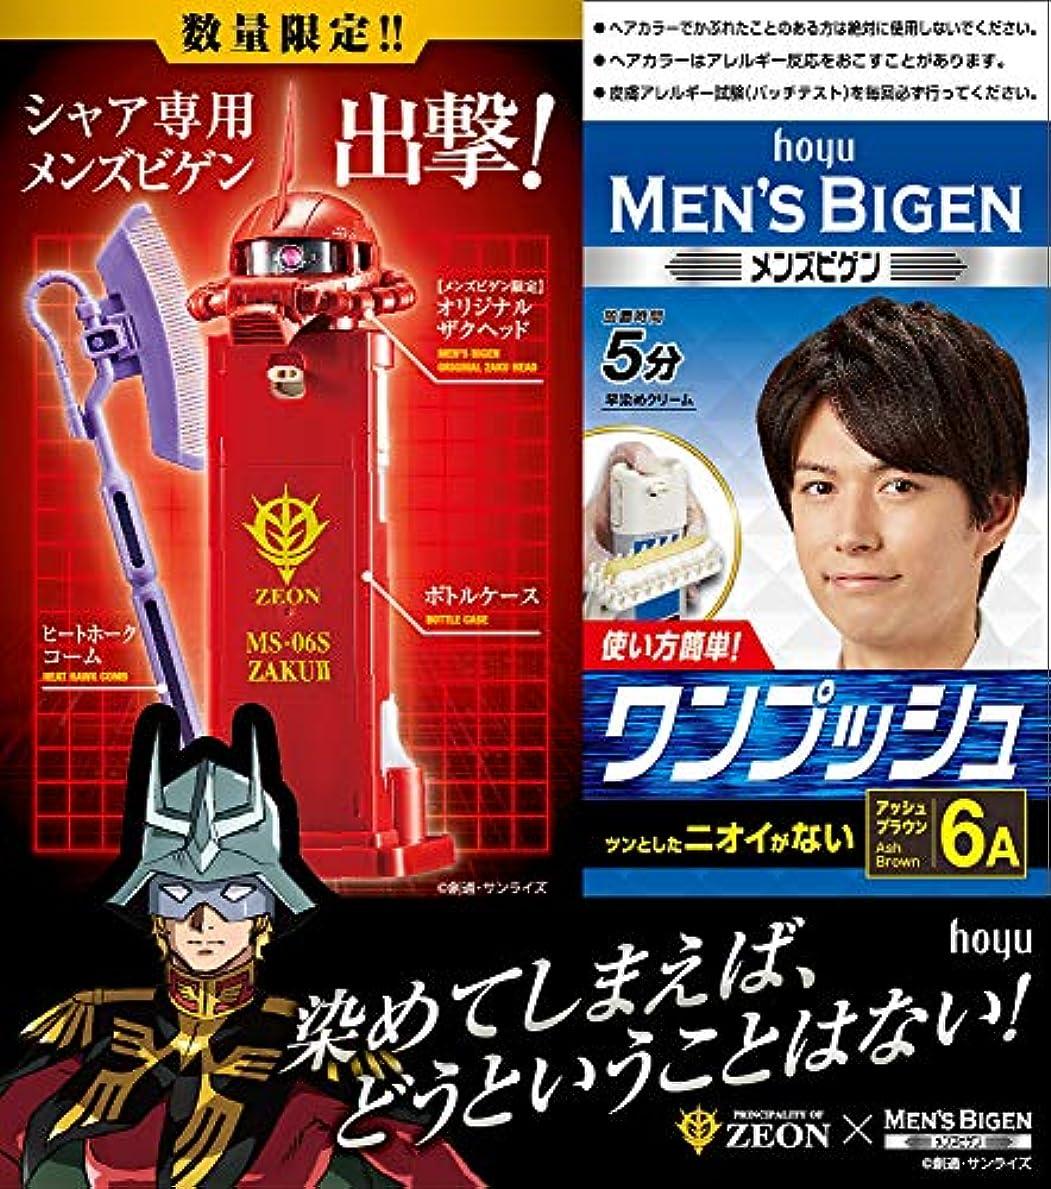 【限定生産品】シャア専用 メンズビゲンワンプッシュ 6A アッシュブラウン